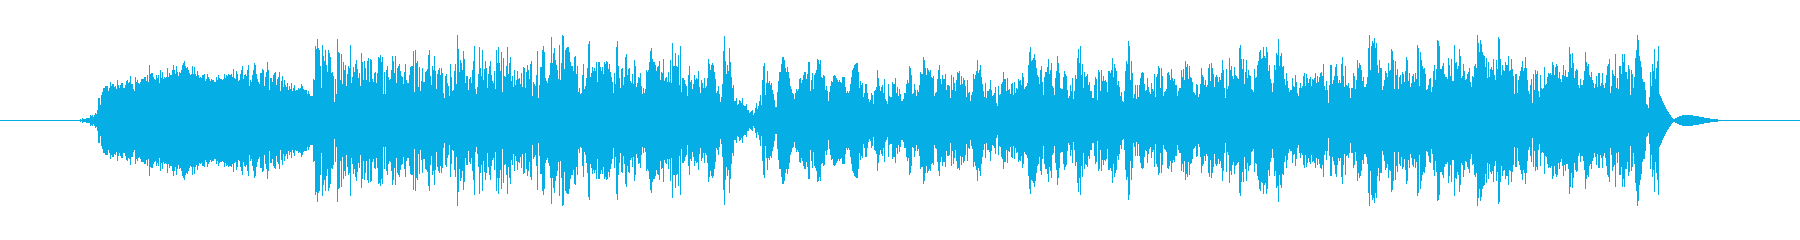 ハイパーブレーキ遷移の再生済みの波形